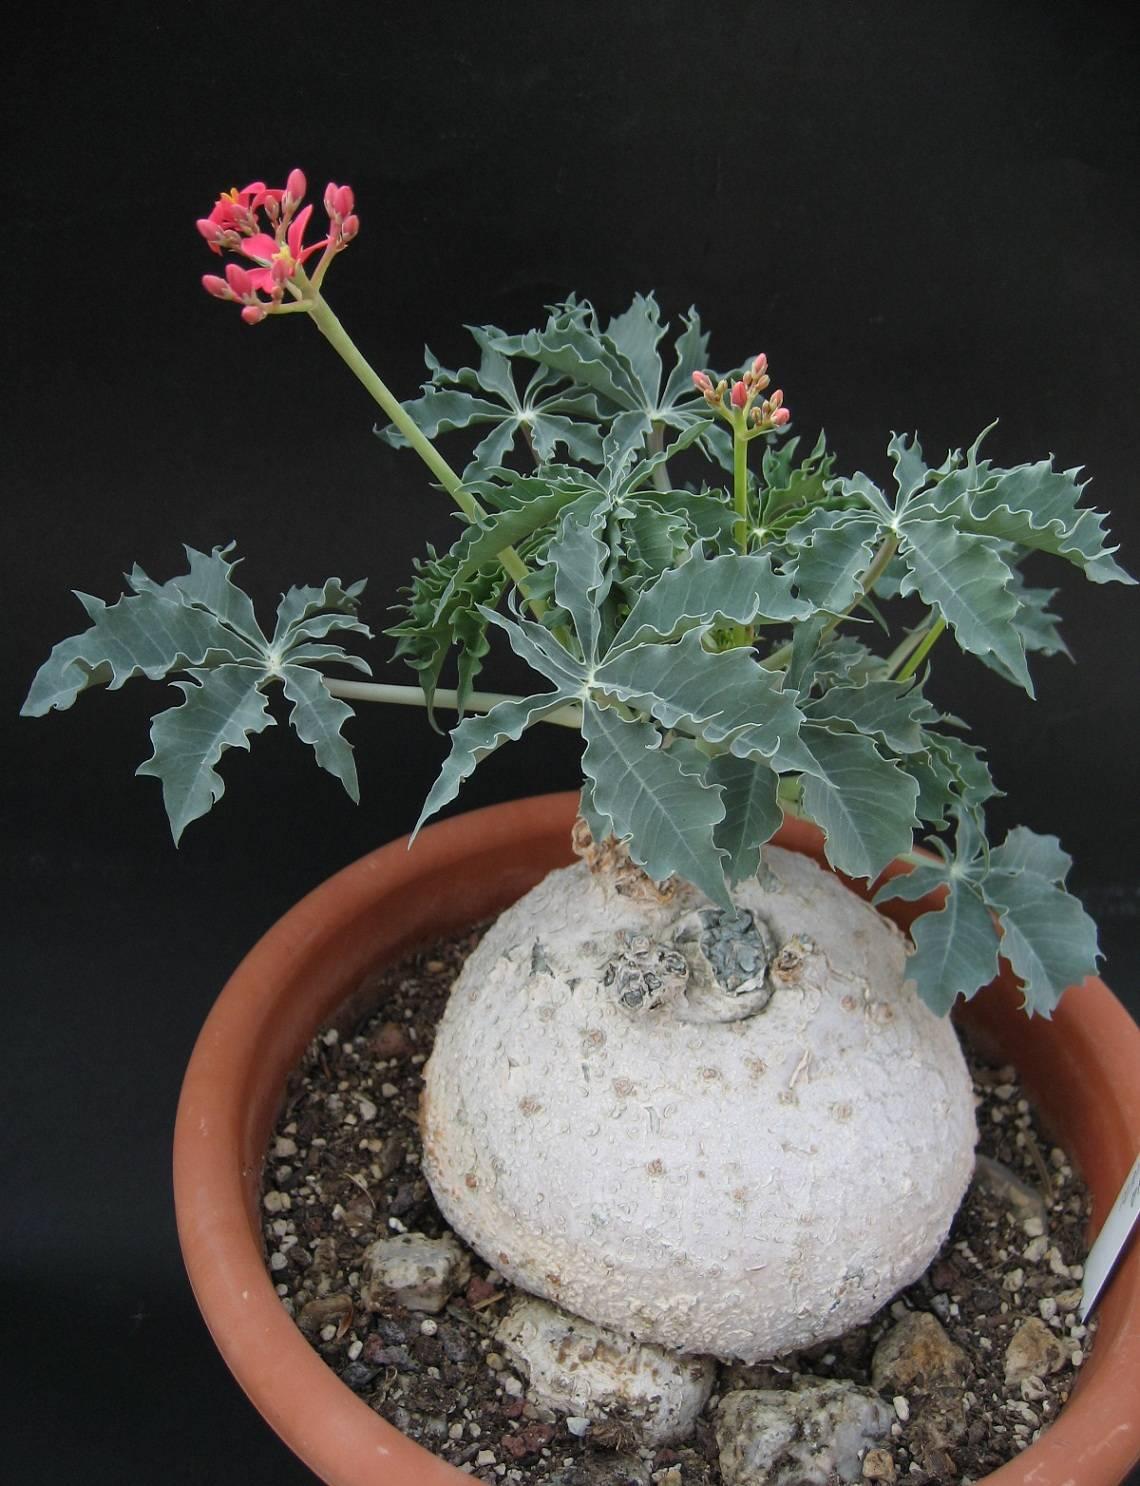 Ятрофа: уход в домашних условиях, размножение с фото| faterra.com